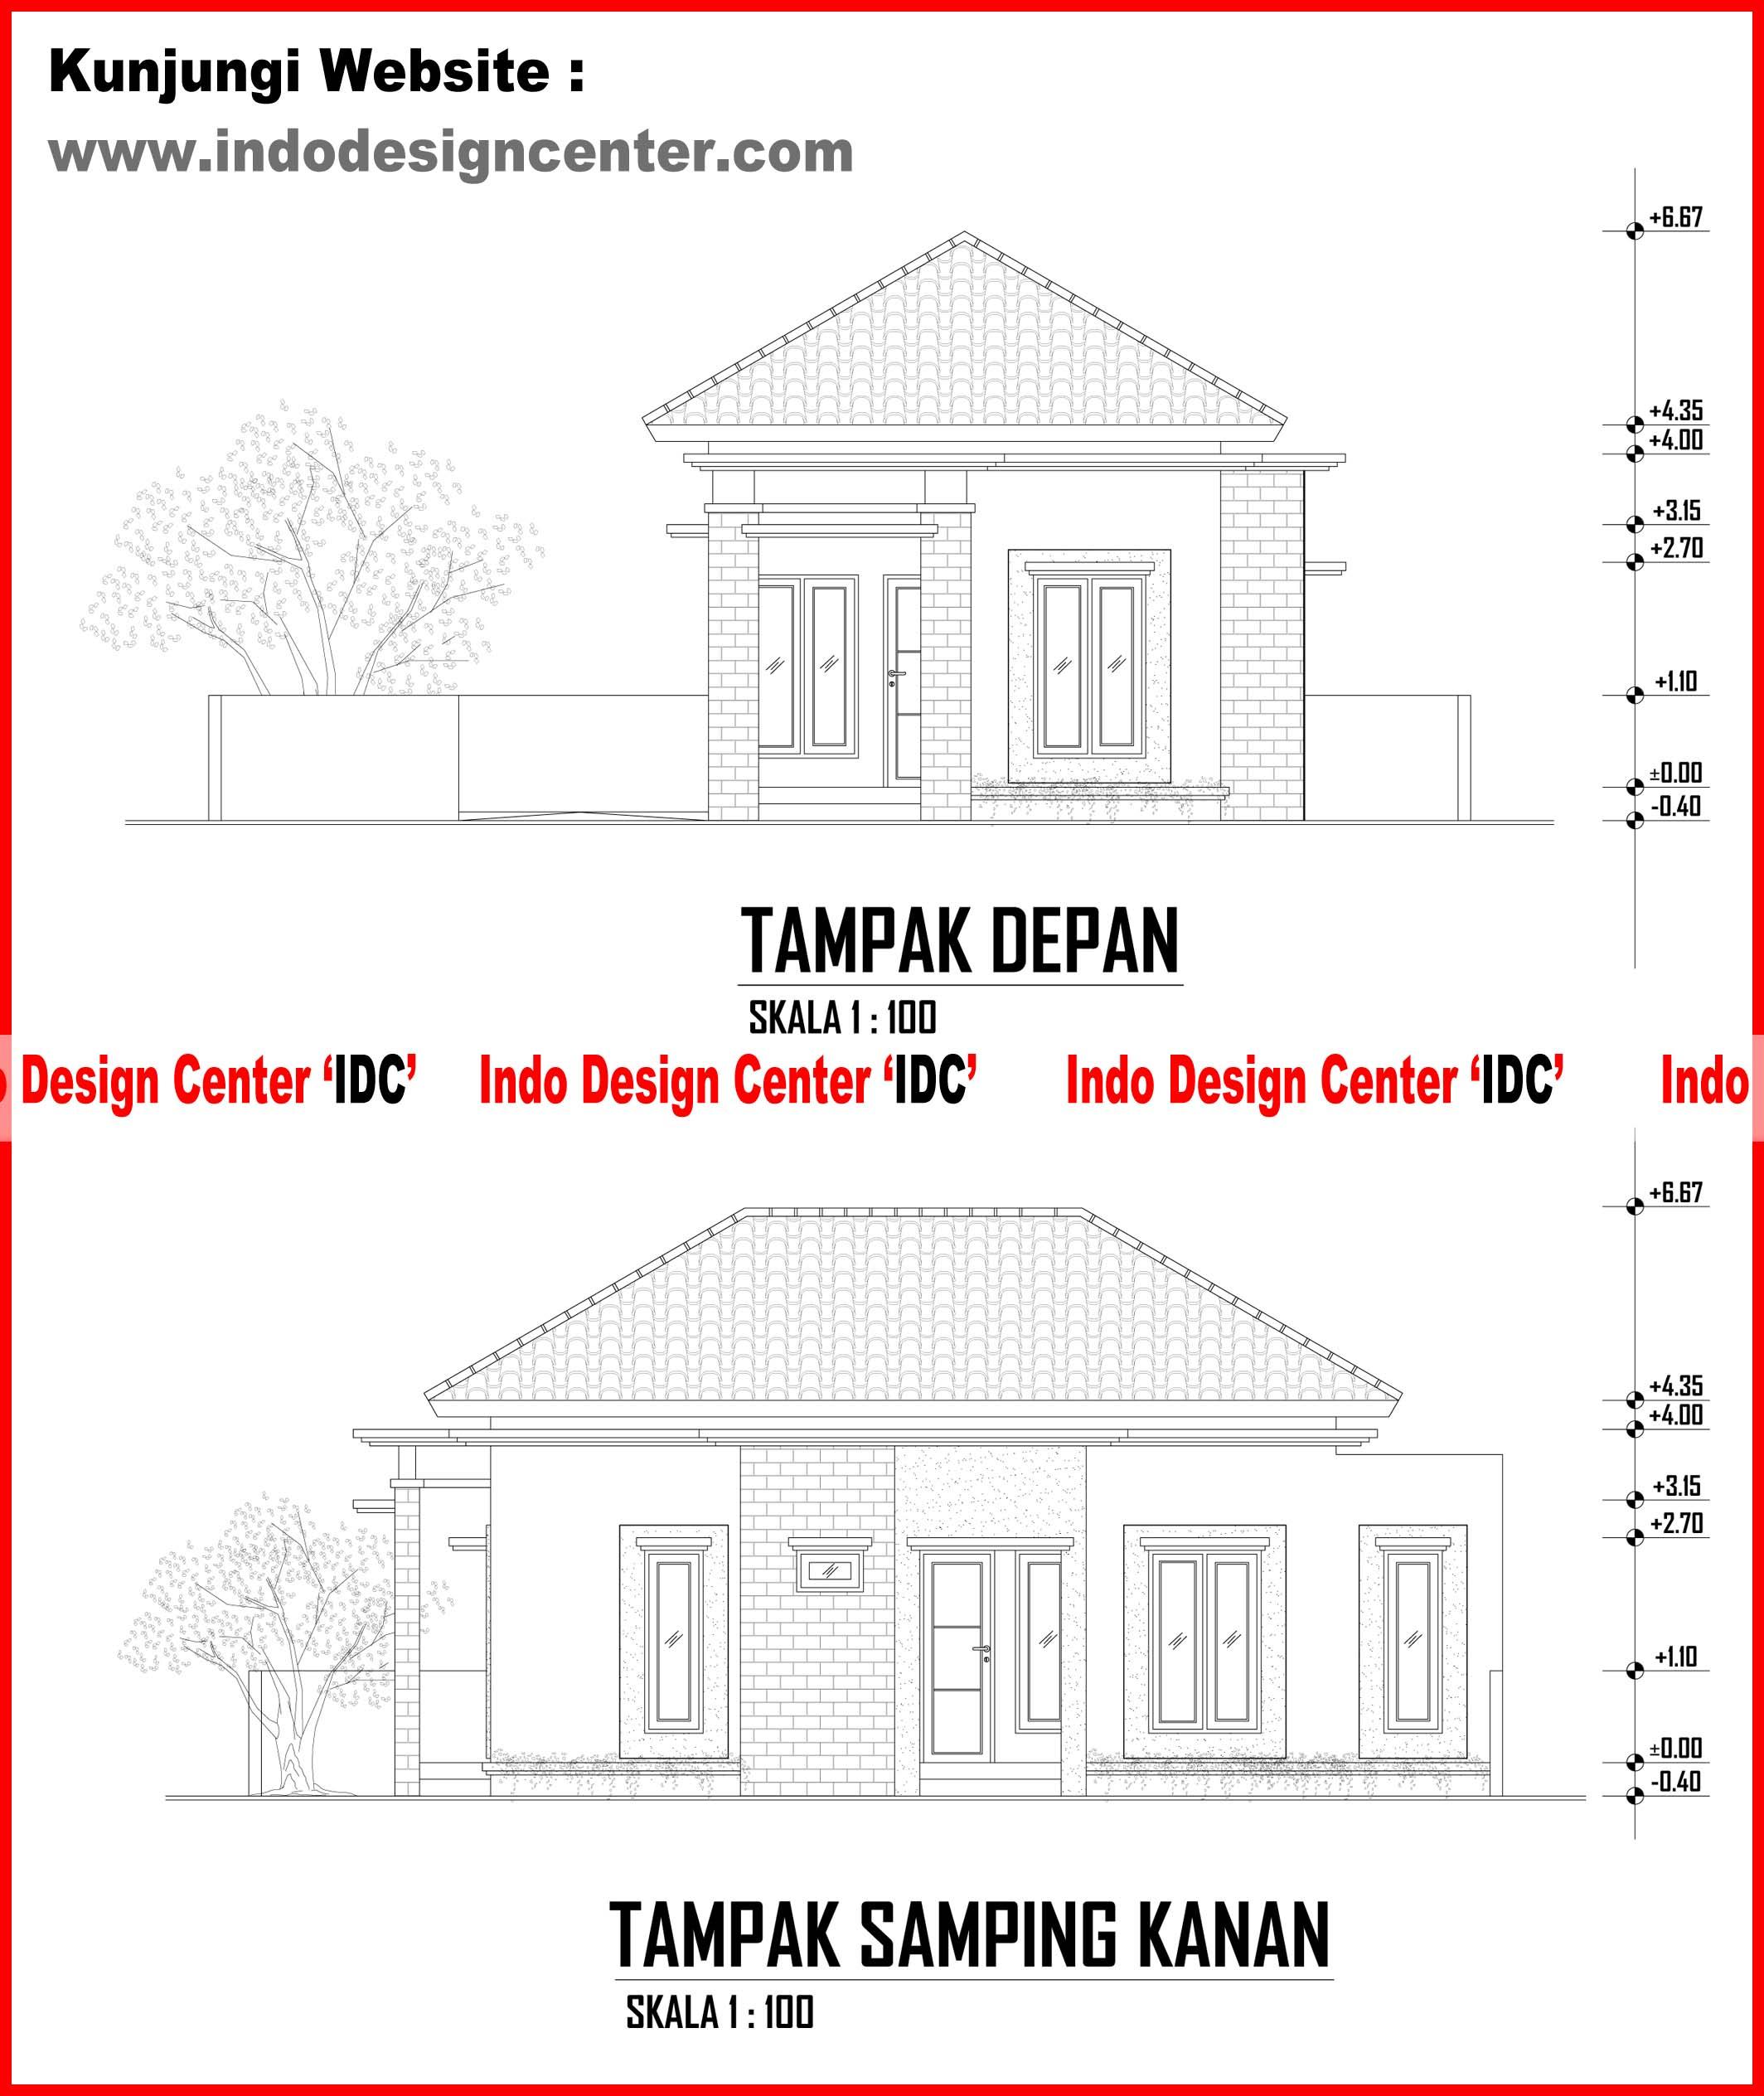 65 Desain Rumah Minimalis Autocad 2007  Desain Rumah Minimalis Terbaru